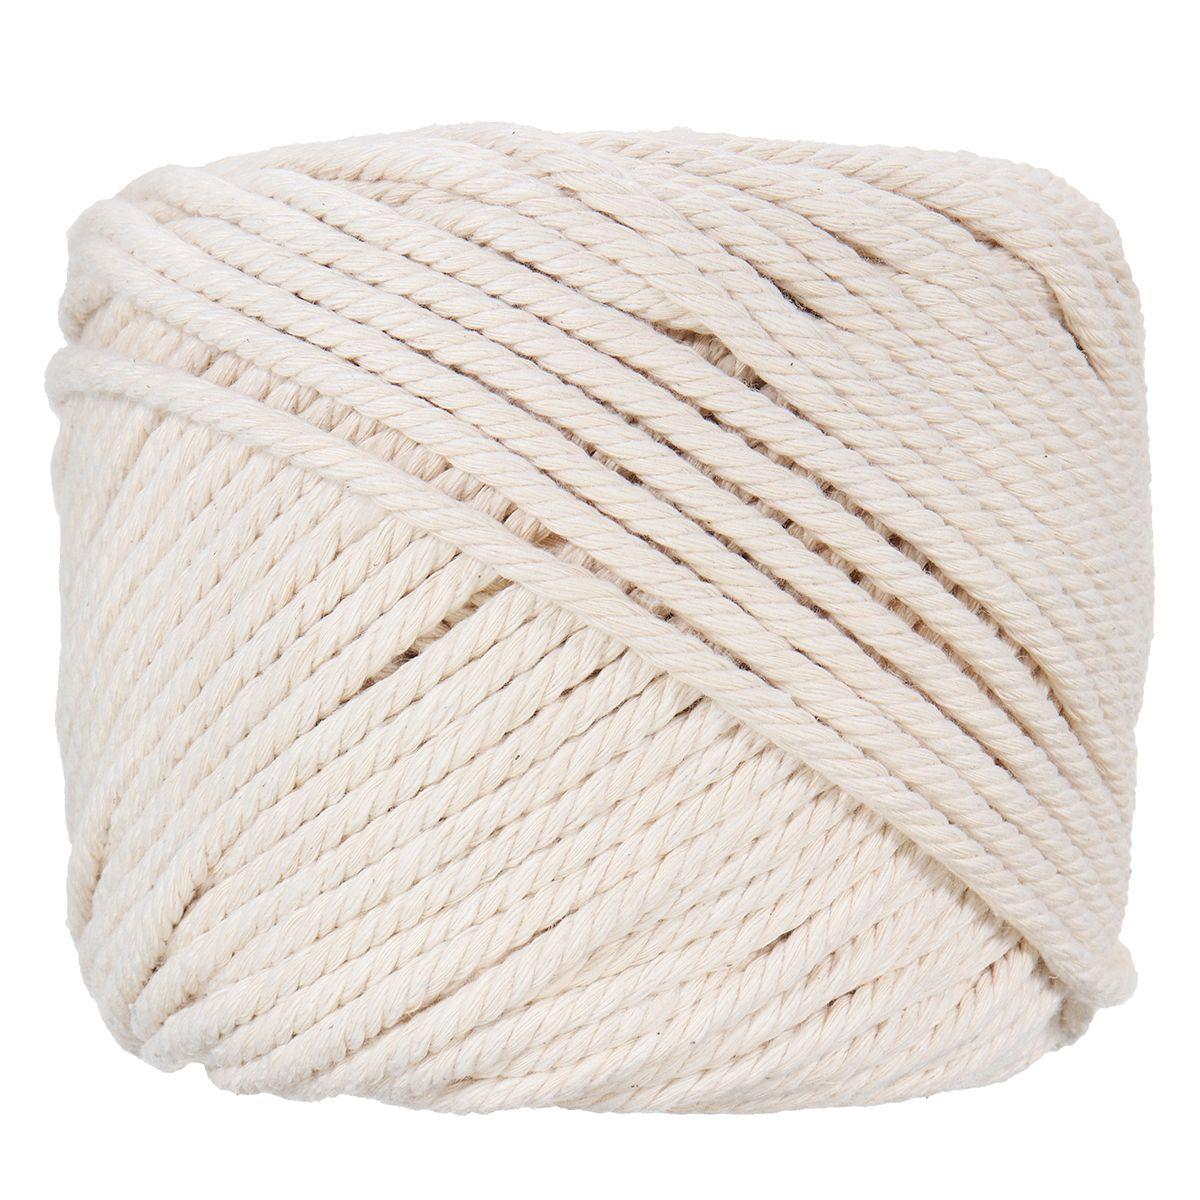 e0665b91403e Durable 6mmx50m Decoraciones Hechas A Mano Blanco Natural Macrame Algodón  Cuerda de Cuerda Trenzada DIY Textiles Para El Hogar para el Arte